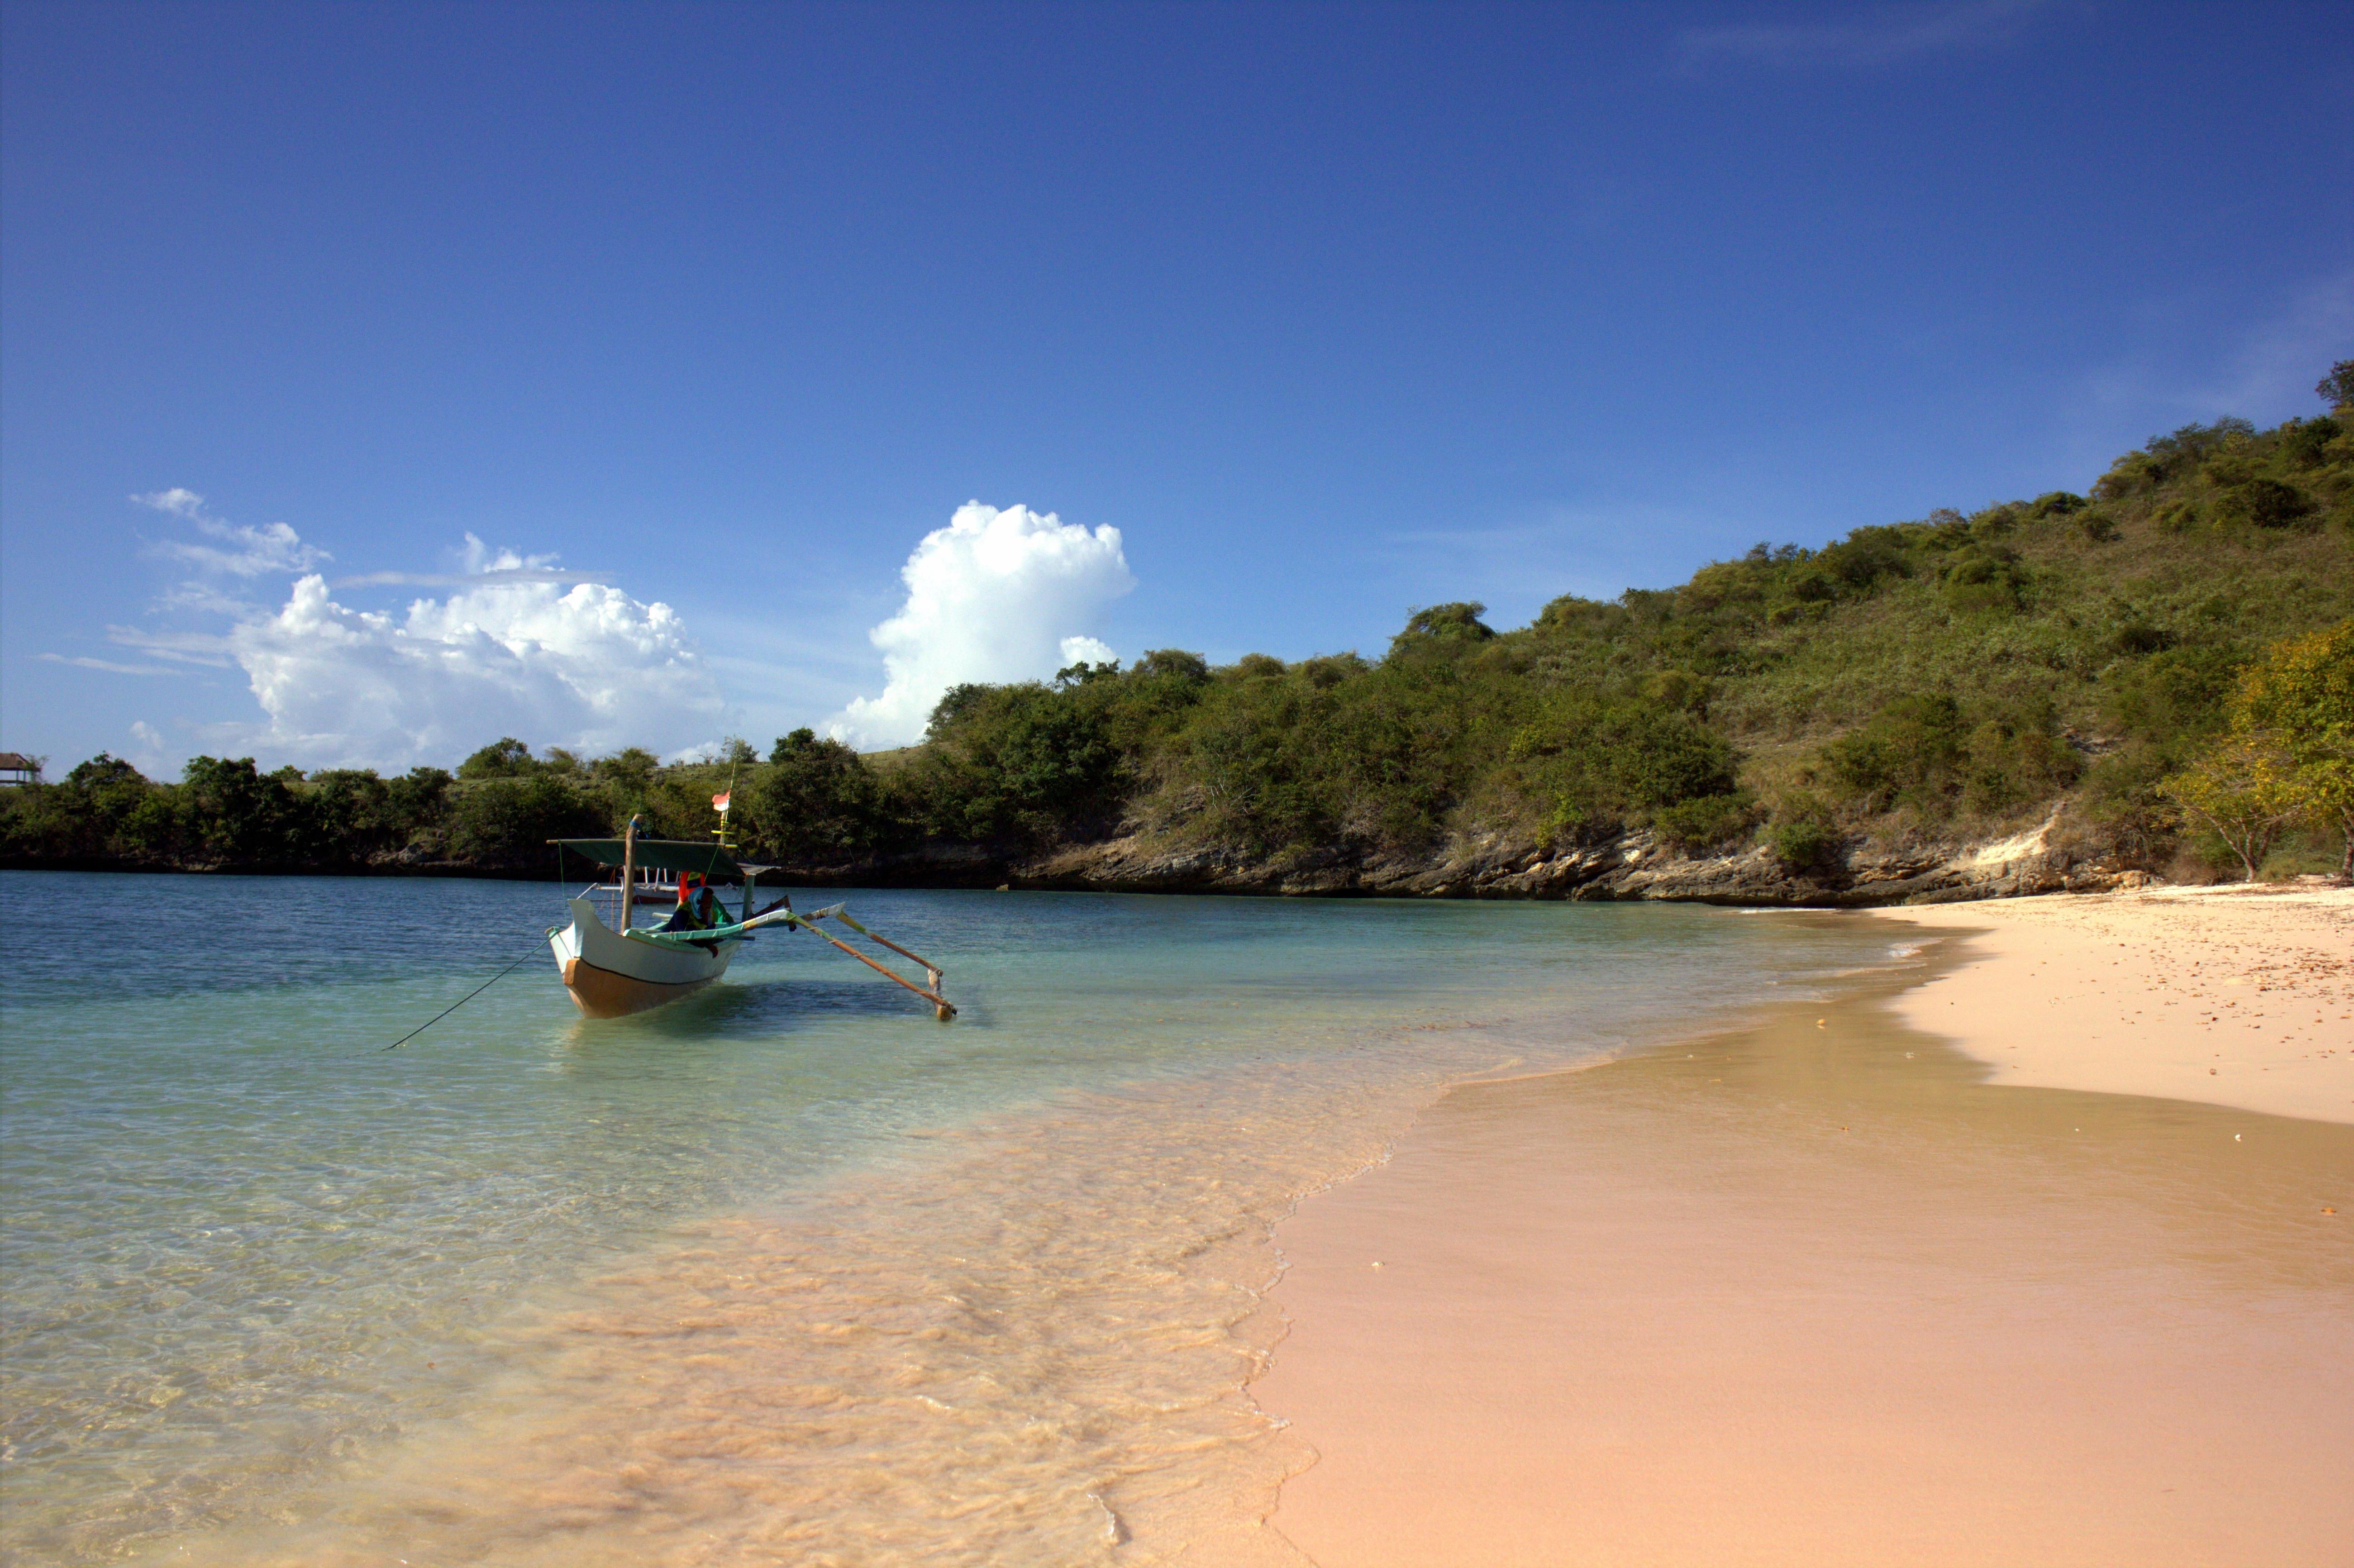 Lombok had been